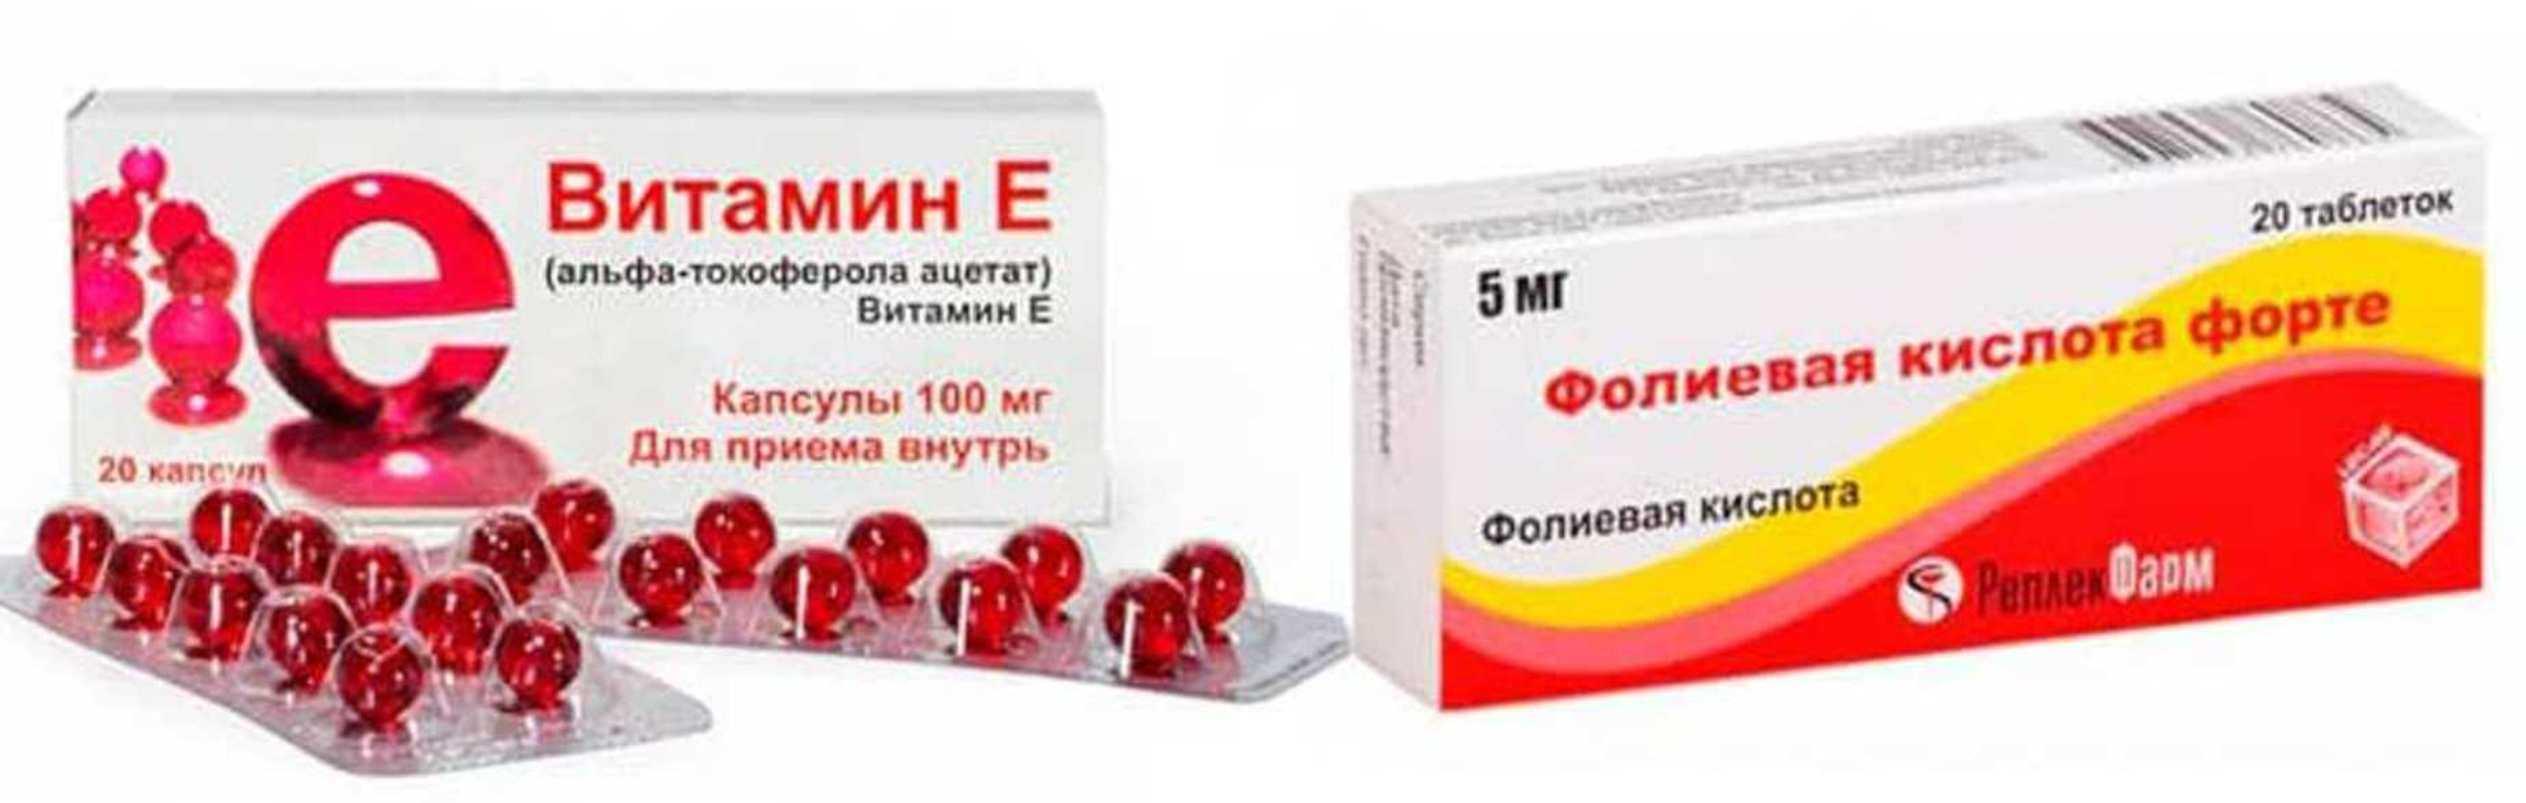 Витамин с при беременности: норма и передозировка / mama66.ru